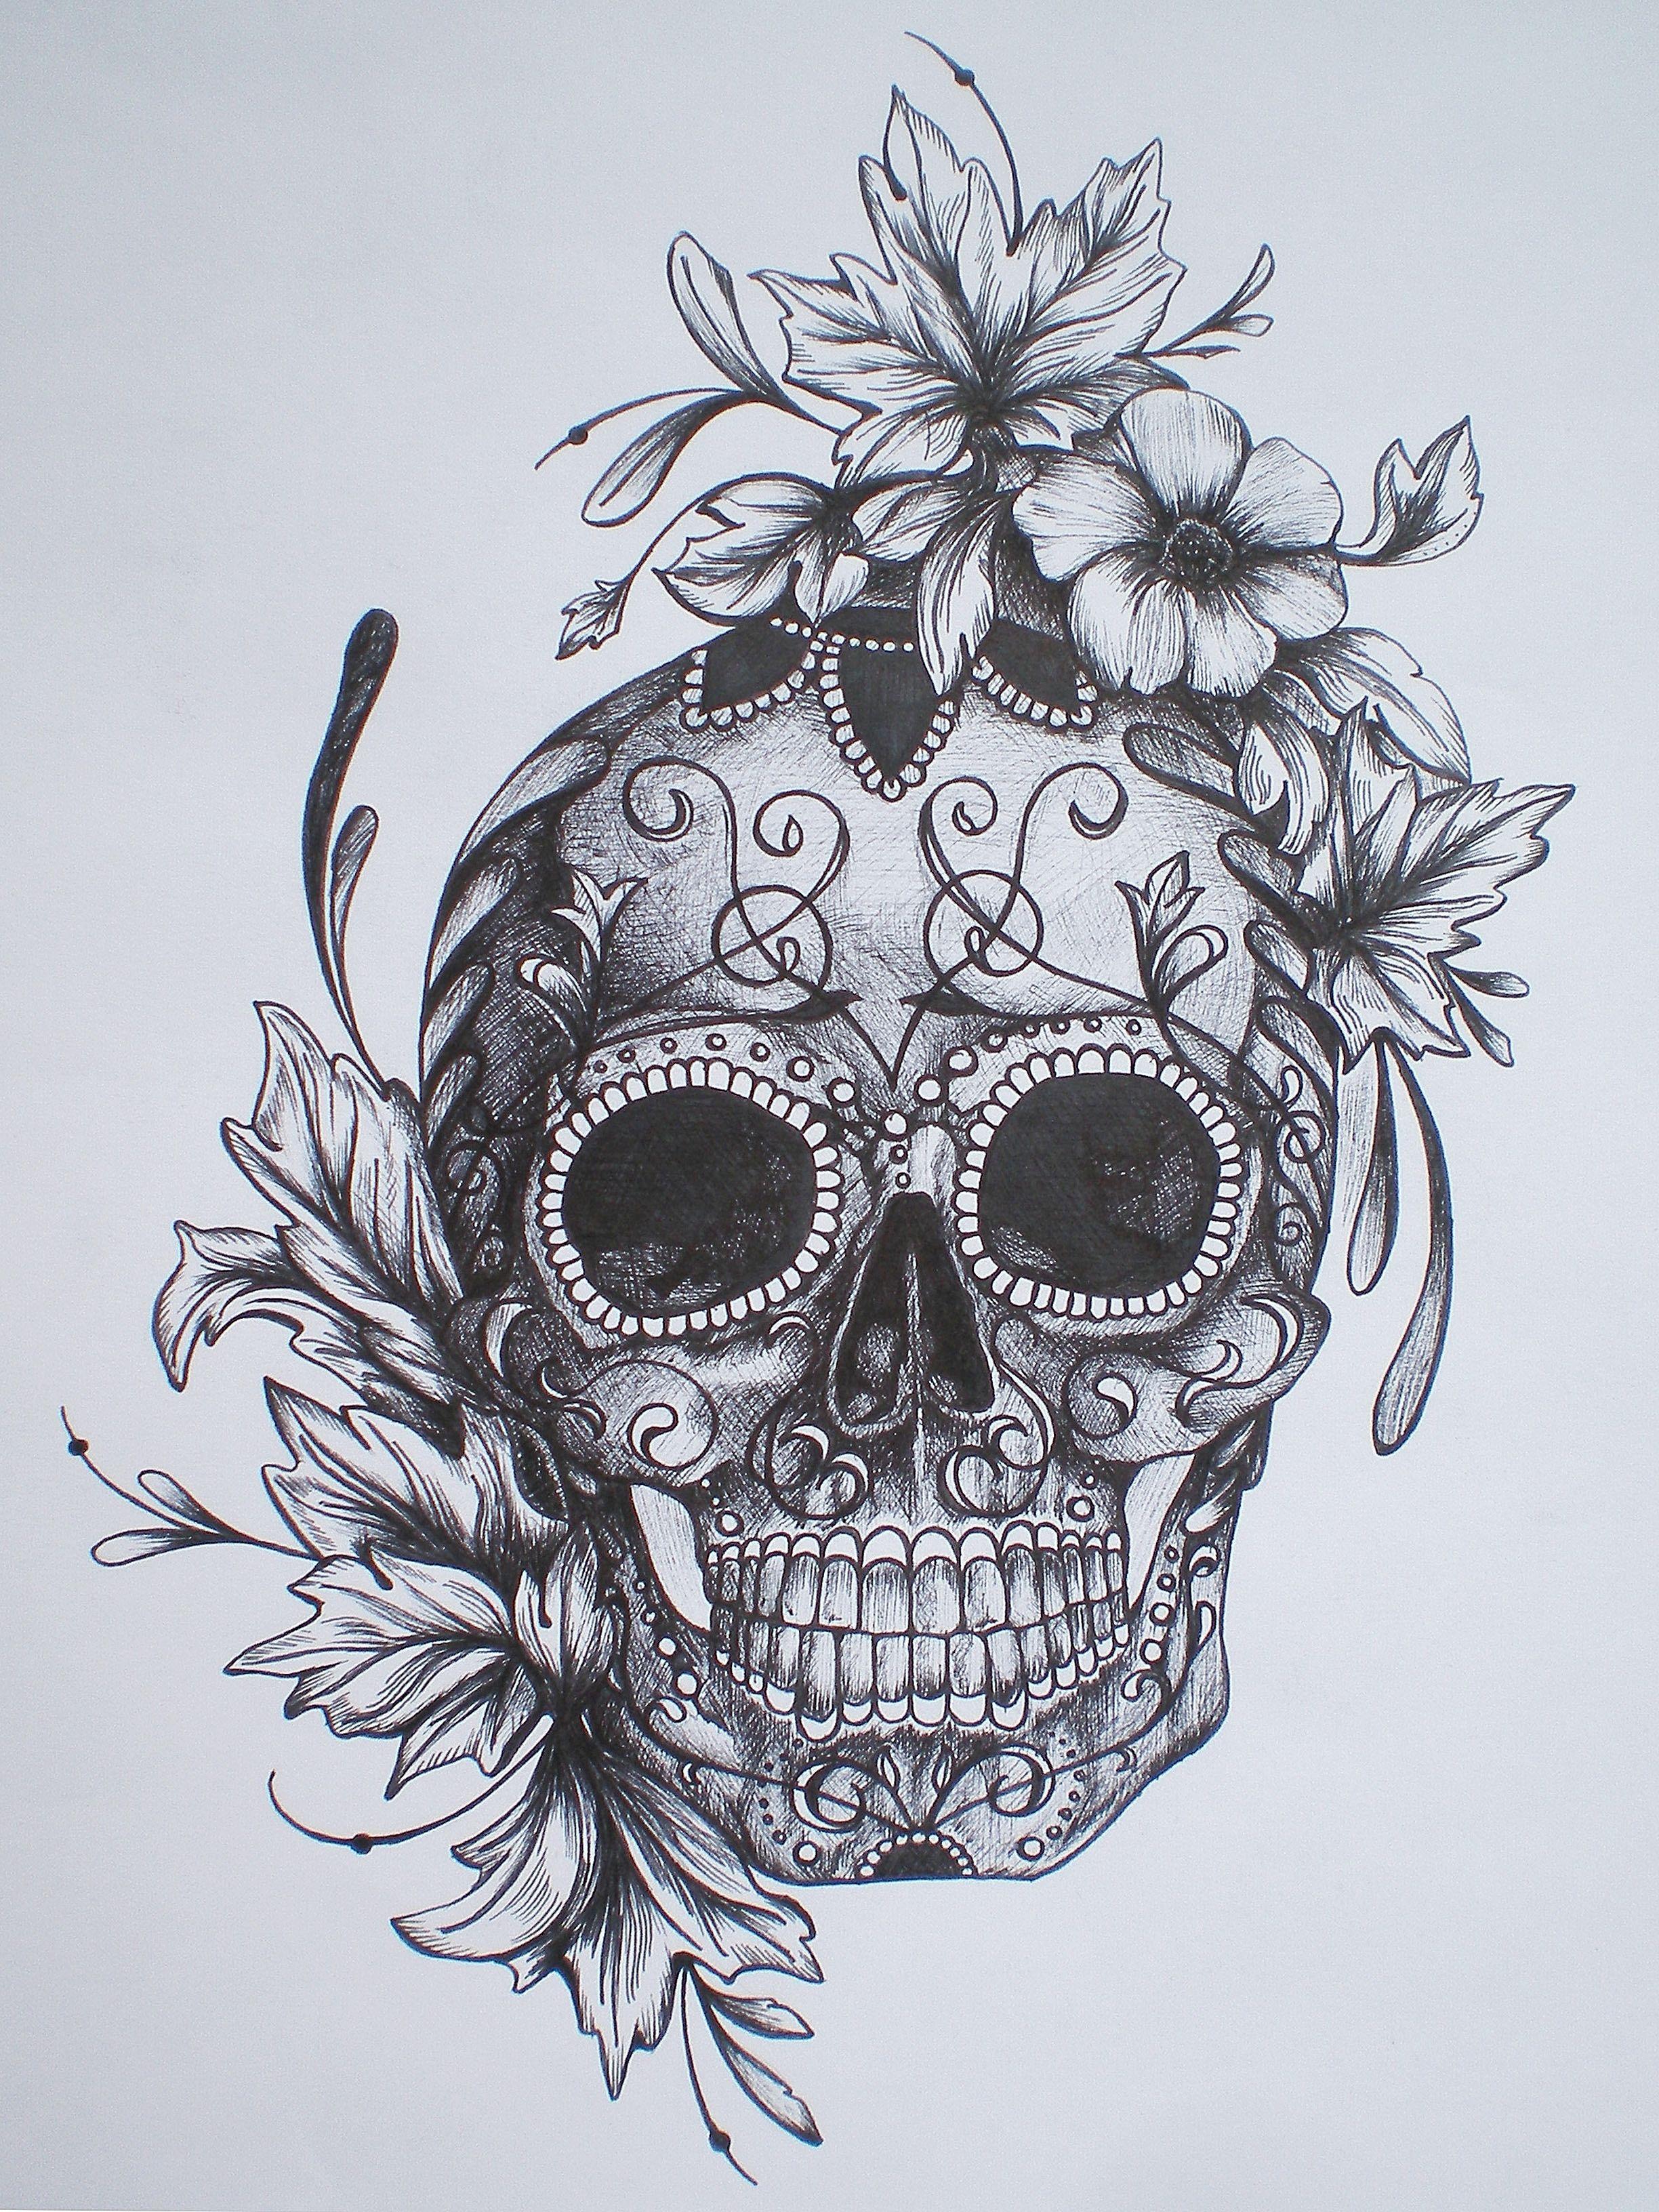 2448x3264 Sugar Skull Tattoo With Flowers